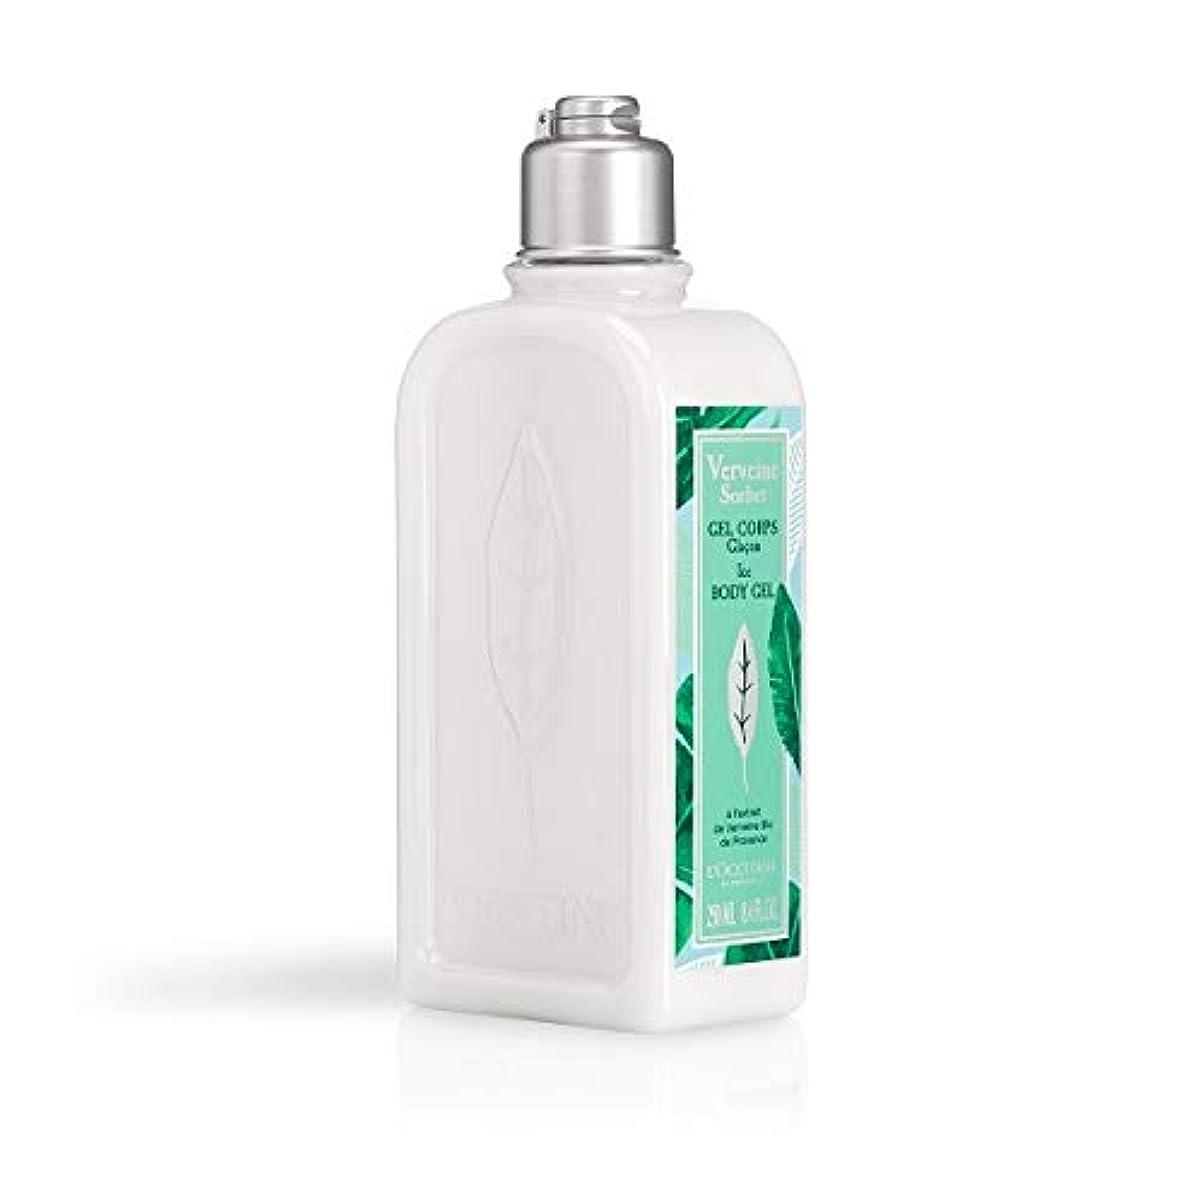 する幻滅ビュッフェロクシタン(L'OCCITANE) ミントウ゛ァーベナ ソルベボディジェル 250ml(ボディ用乳液)